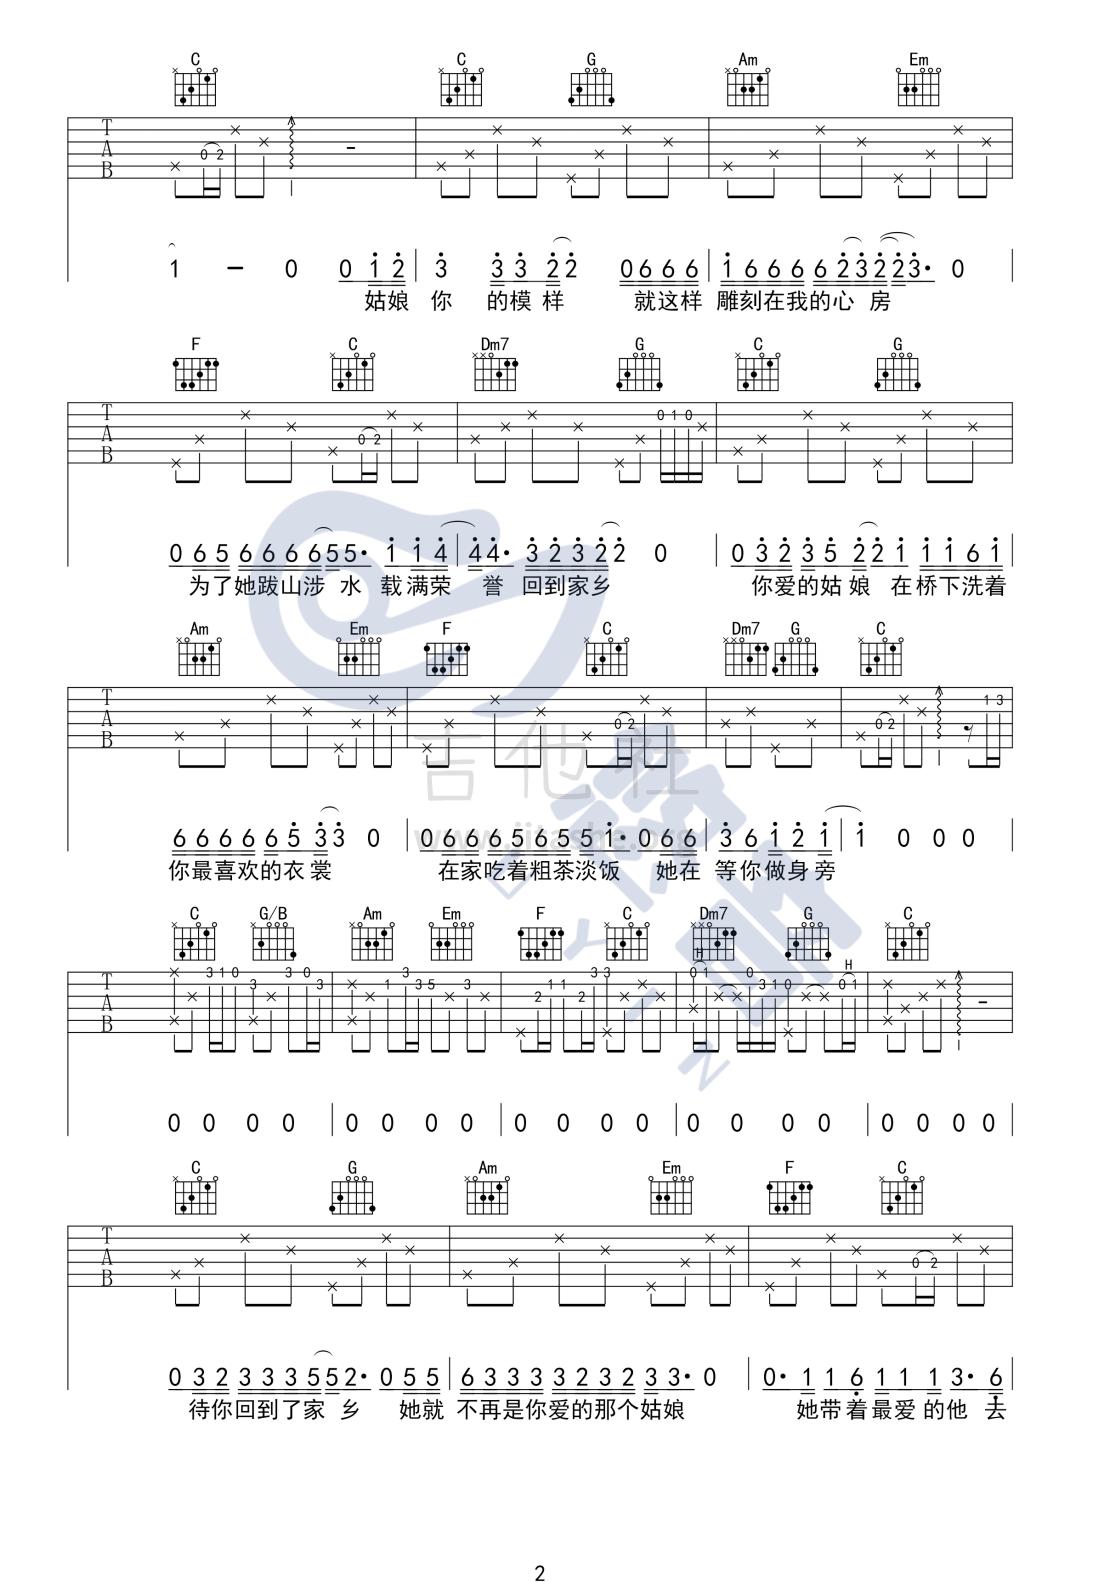 你的姑娘吉他谱(图片谱,弹唱)_隔壁老樊(樊凯杰)_你的姑娘_UYIN_2.png